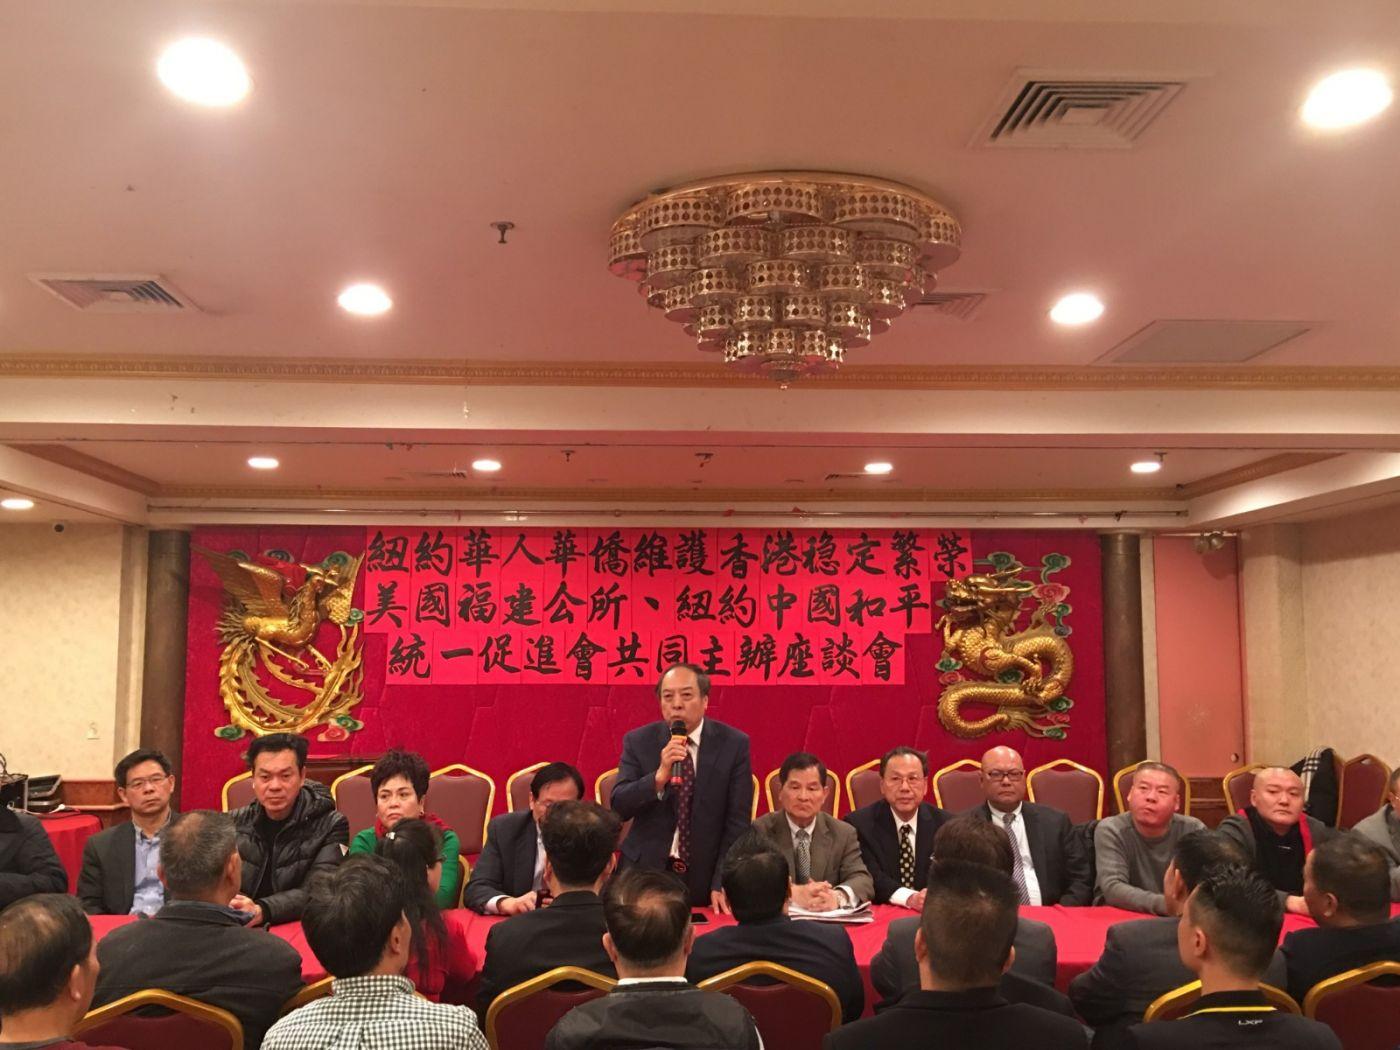 紐約華人華僑維護香港穩定繁榮座談會在紐約舉行_图1-2